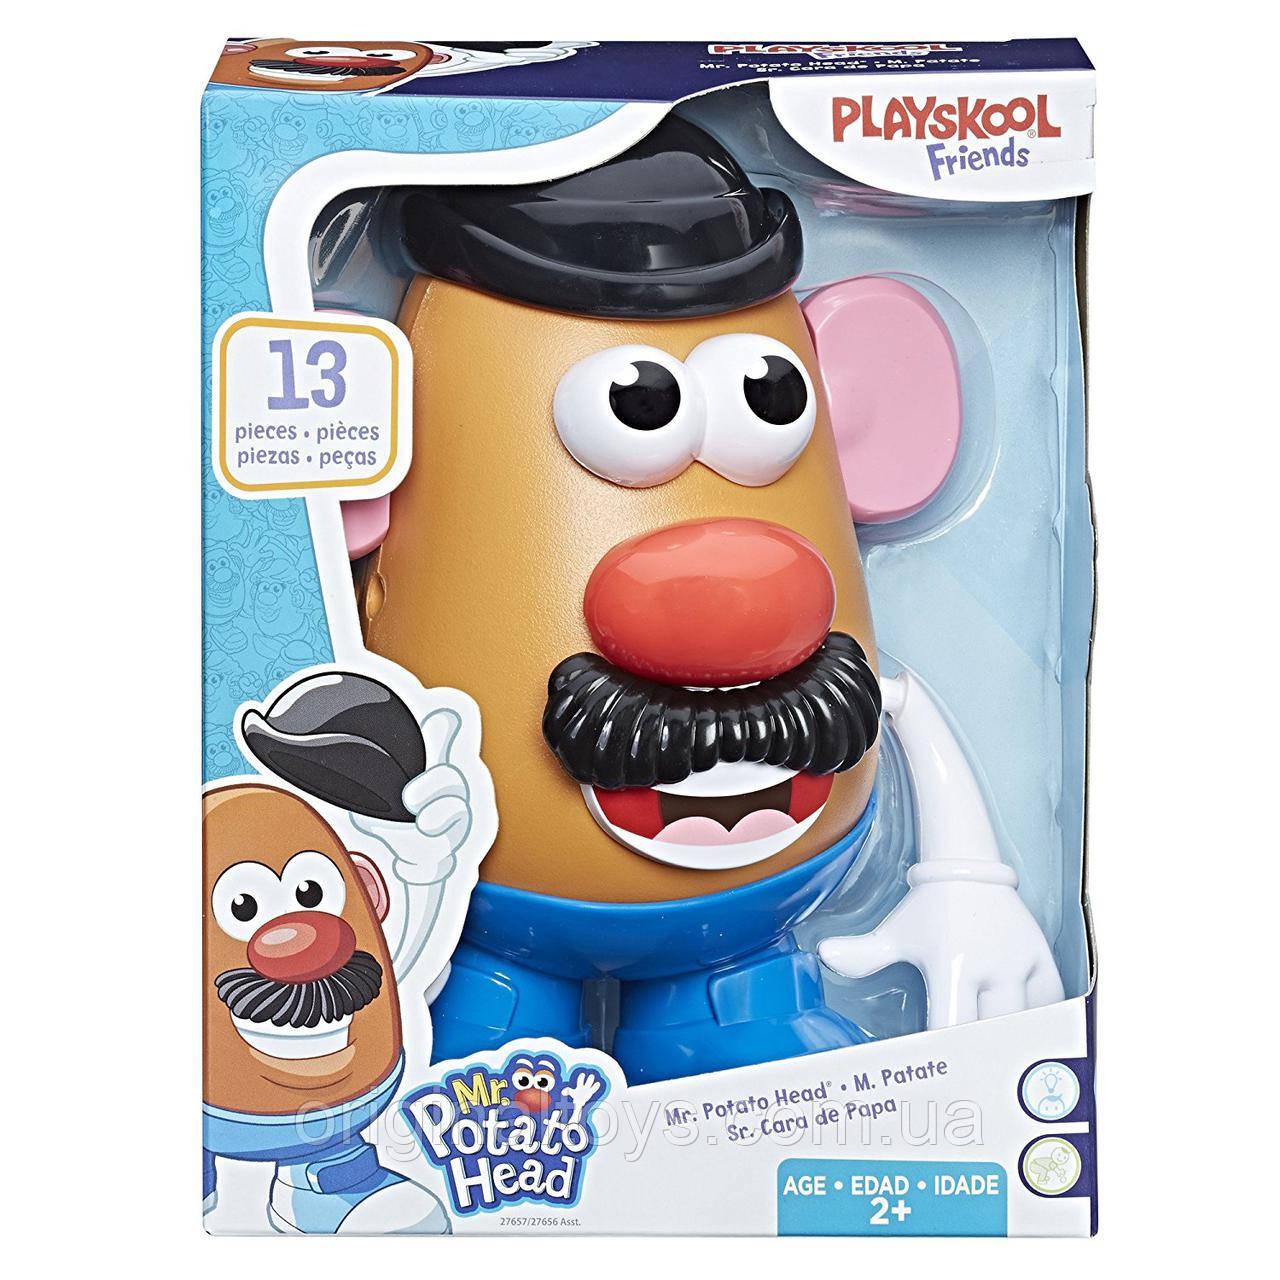 Містер Картопля Mr. Potato Head Hasbro Playskool